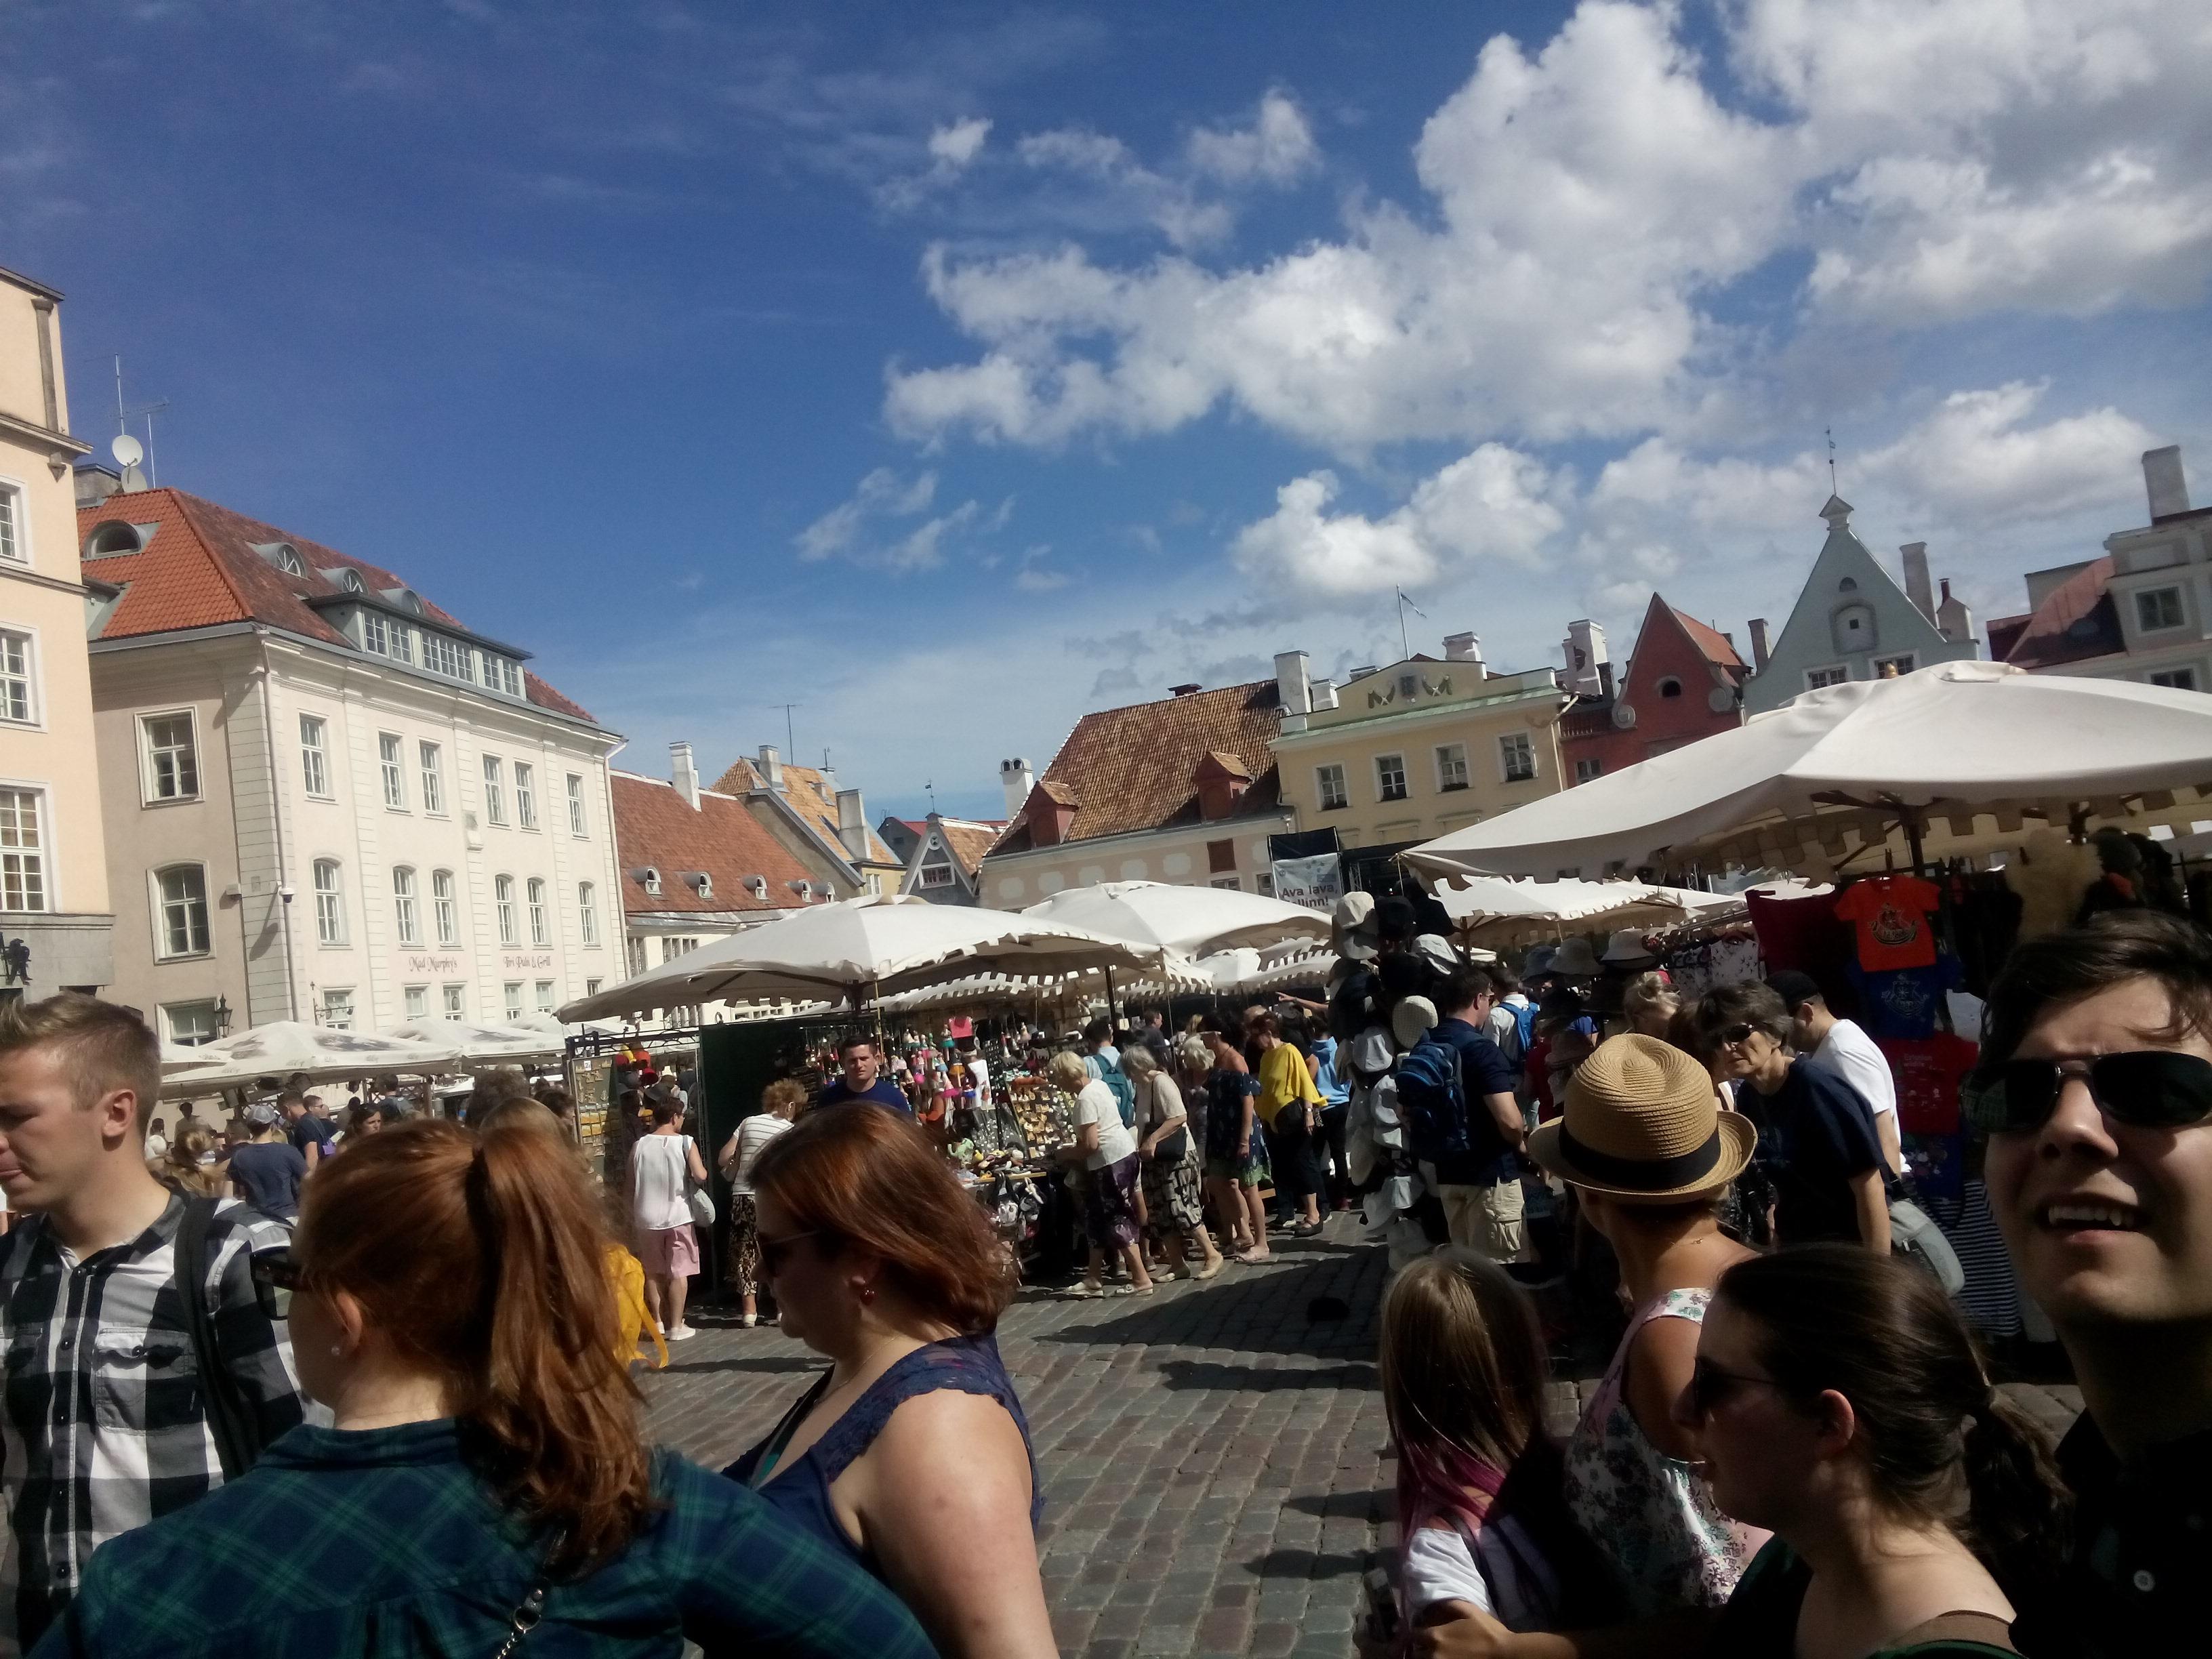 https://i.amy.gy/201808-estonia/IMG_20180811_140429.jpg